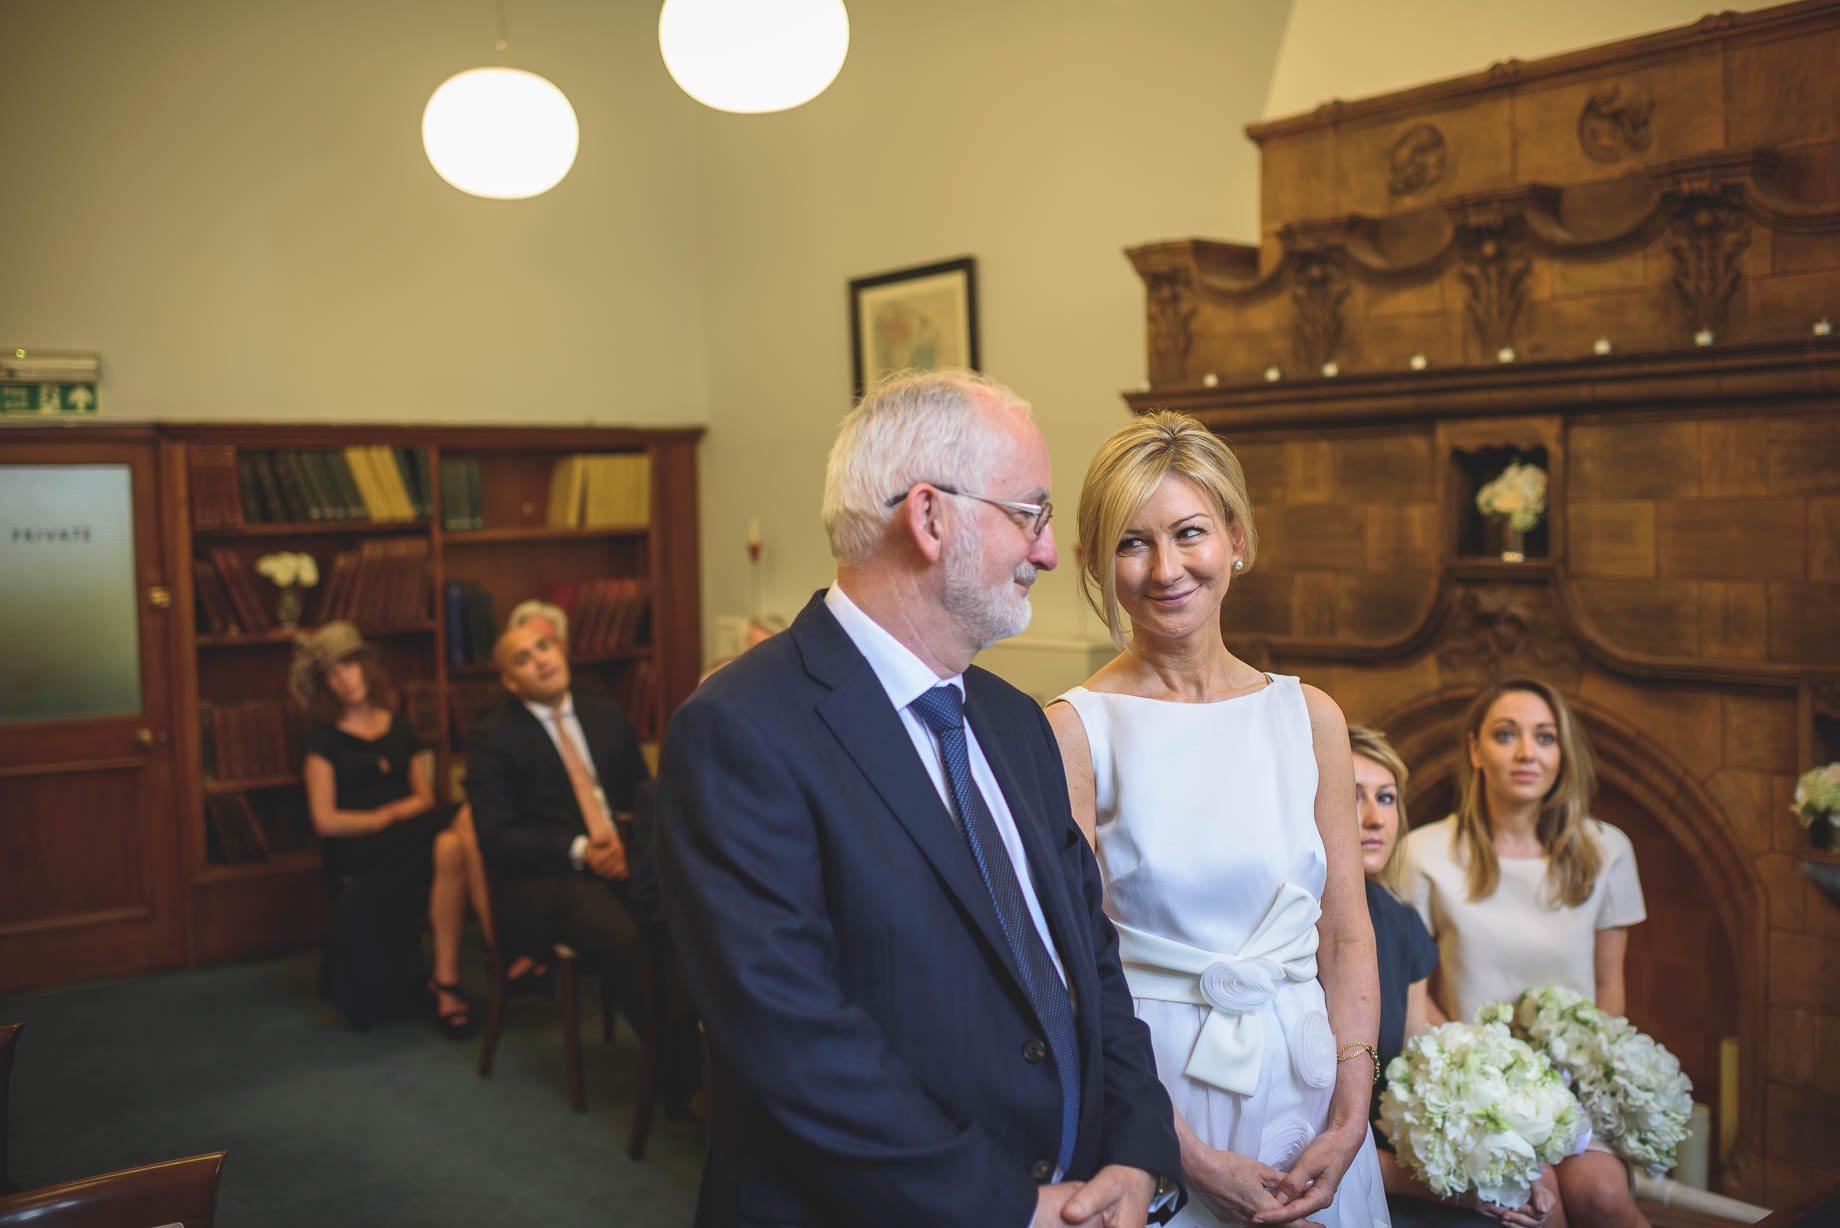 Mayfair wedding photography - Allison and Eugene (38 of 94)